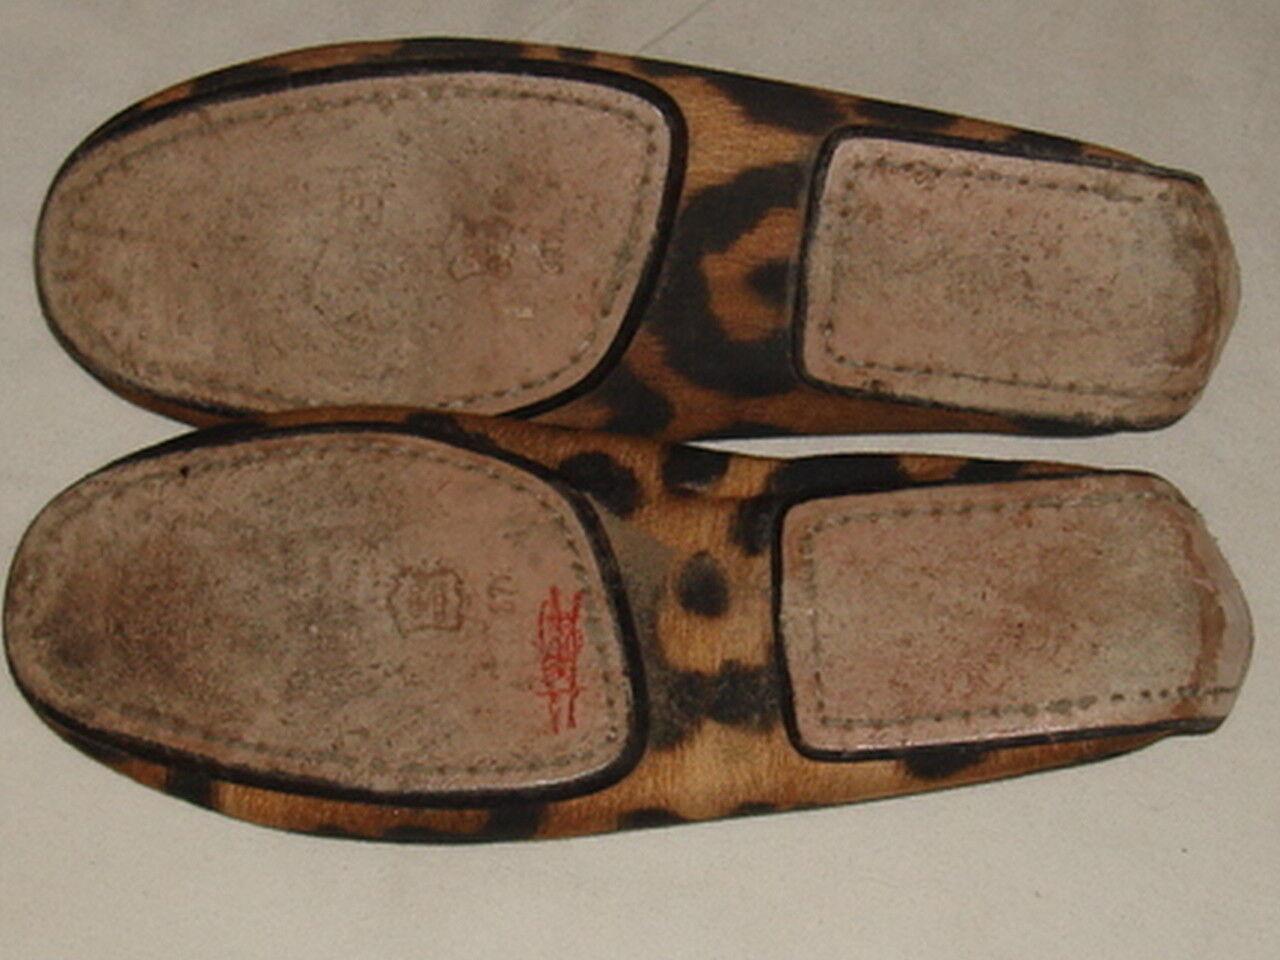 Giambattista Valli italiano Marrón Negro Estampado de 37,5 Leopardo Pisos De Lona 37,5 de 7.5 US 79143a